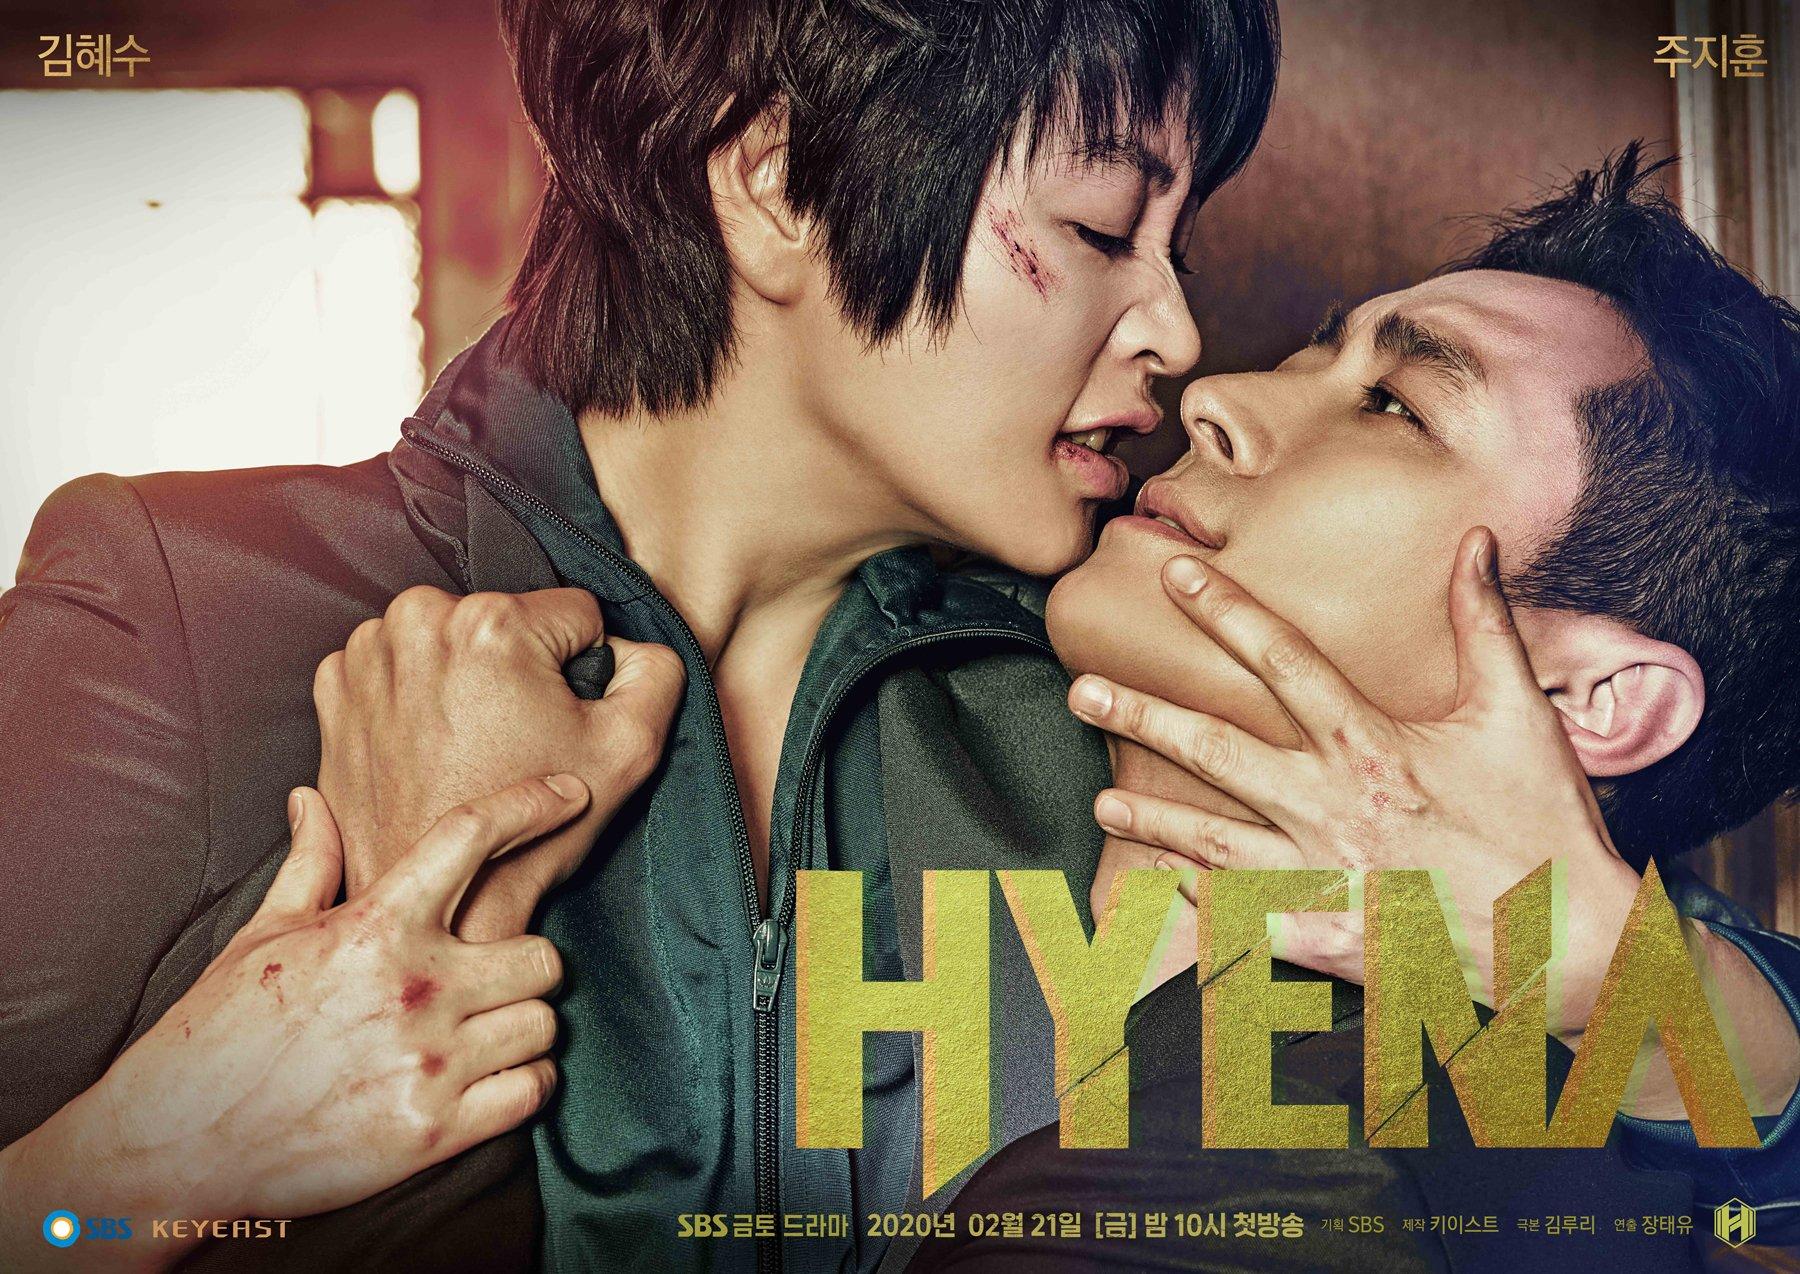 Familina - Drama Korea Hyena